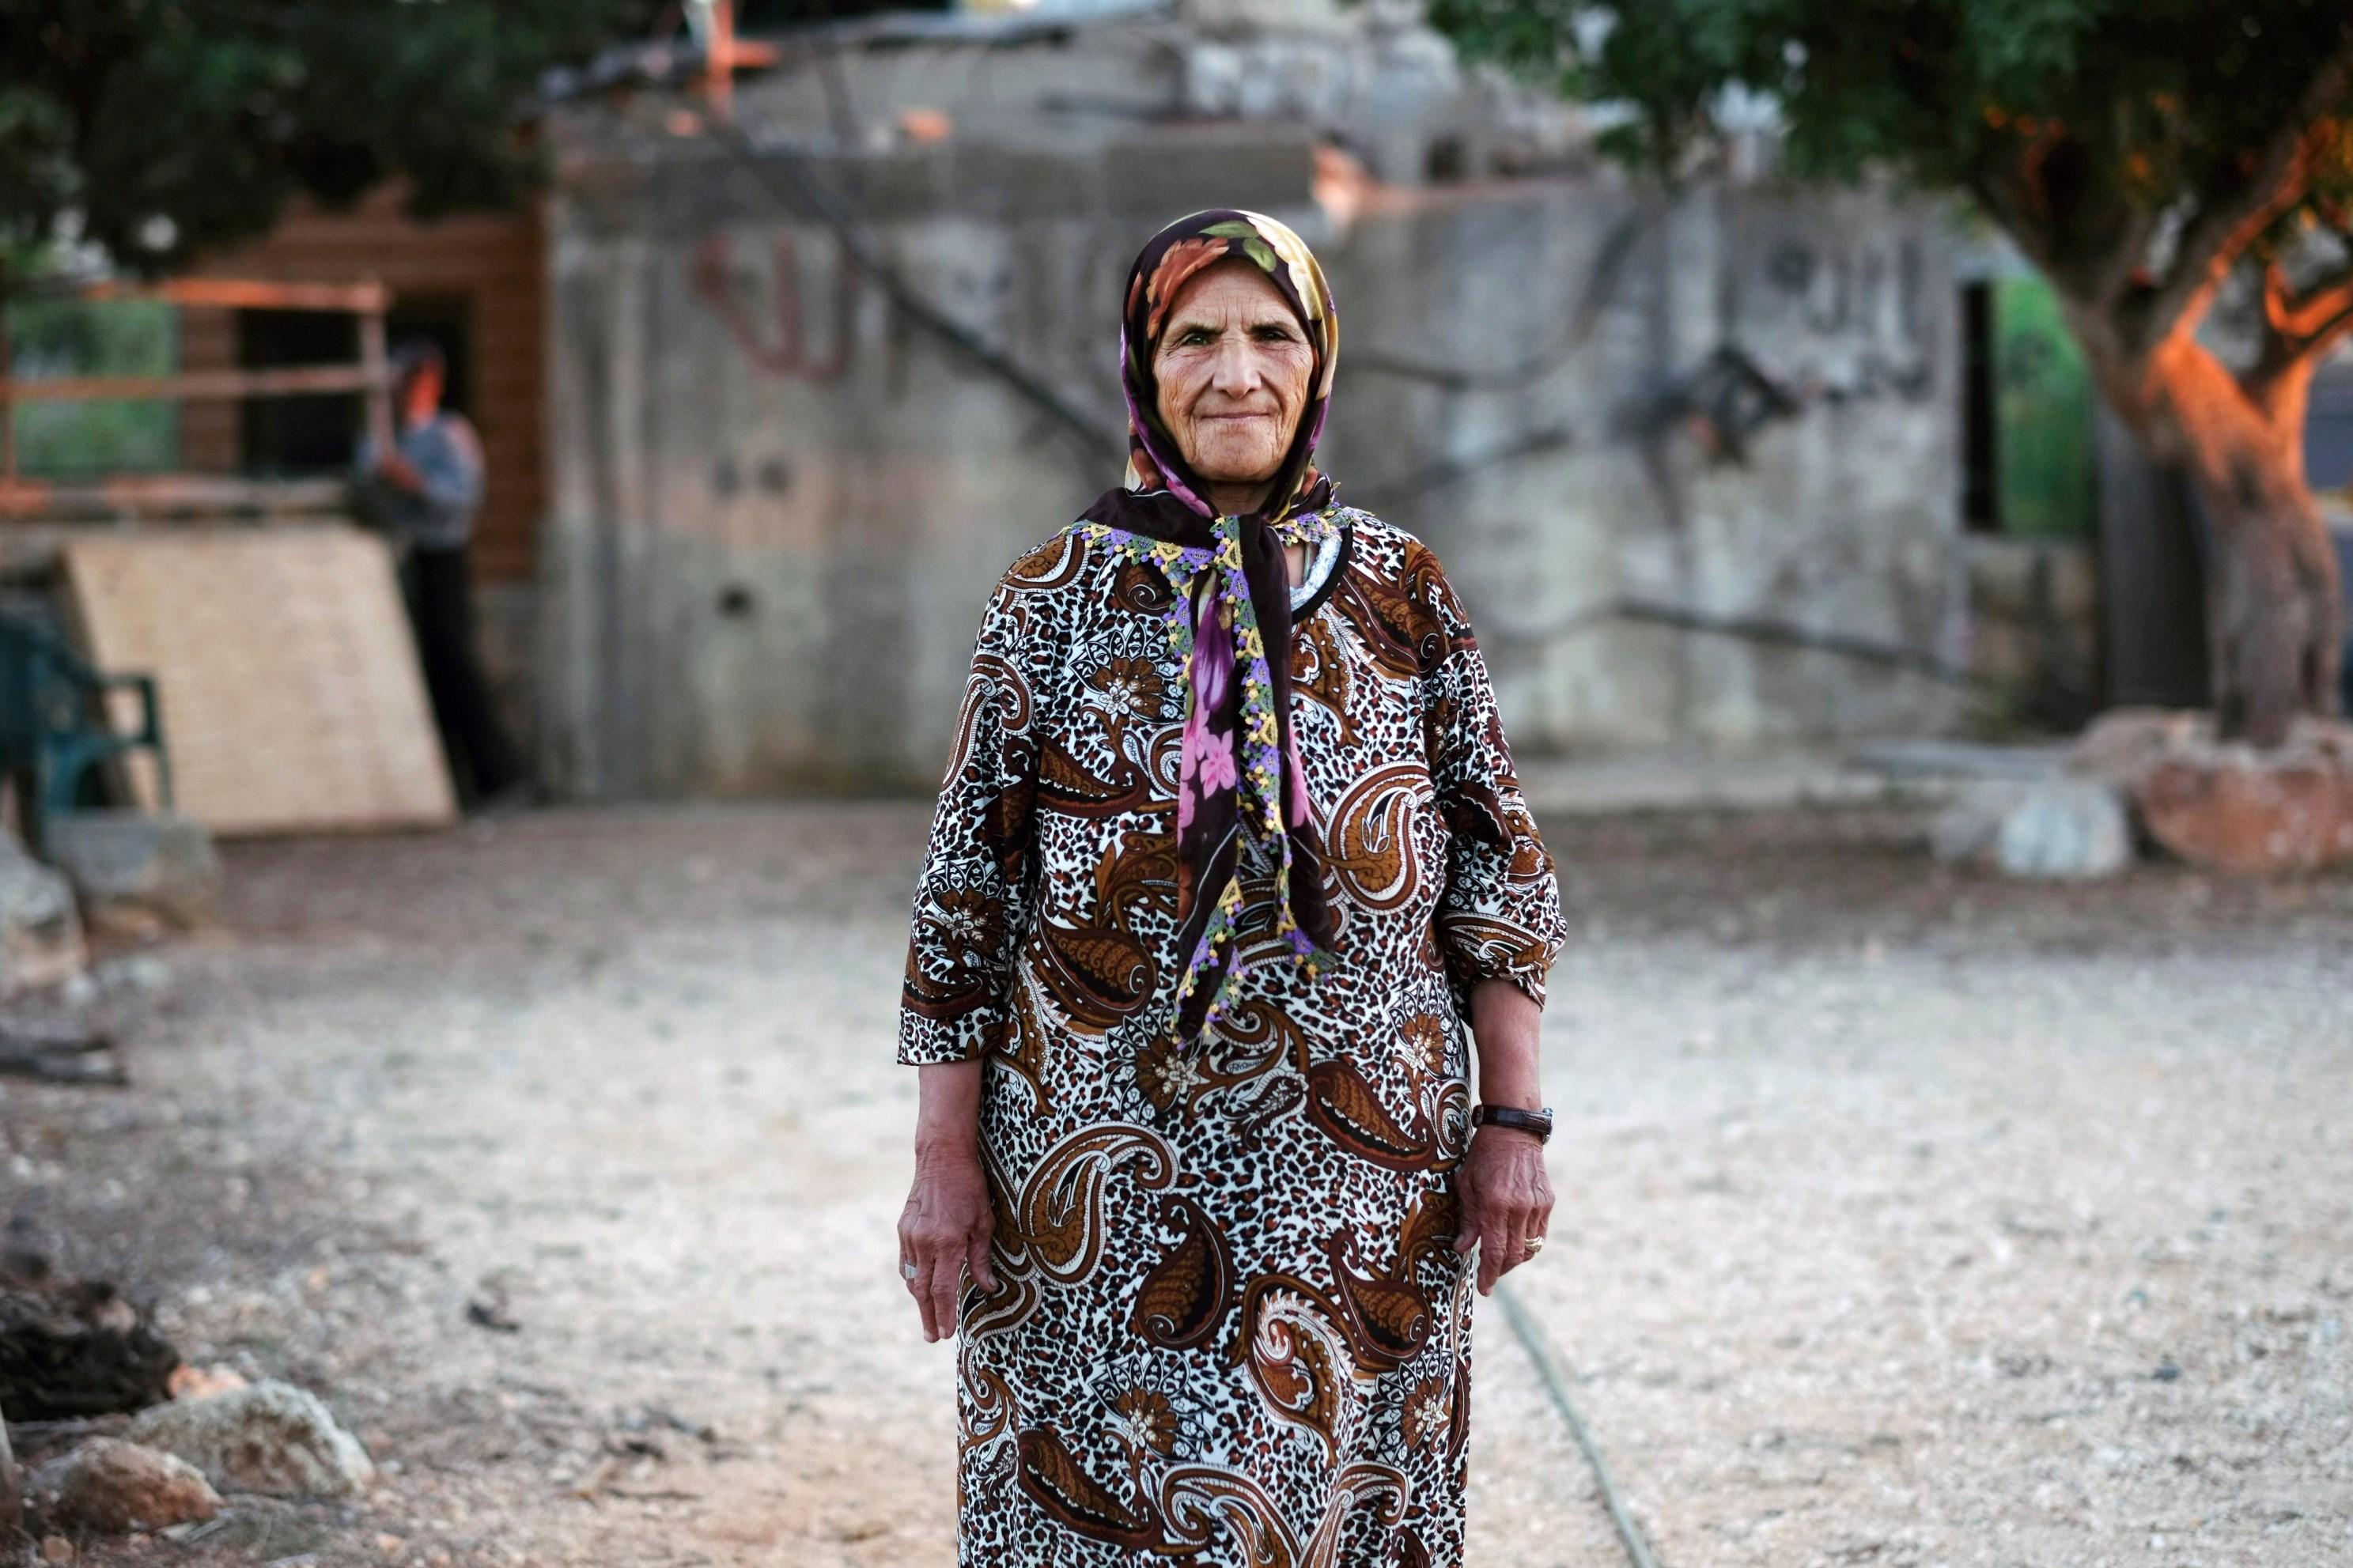 אזרחים ללא מען – תערוכת צילומים בנושא ההתיישבות הבדואית בגליל תפתח השבוע